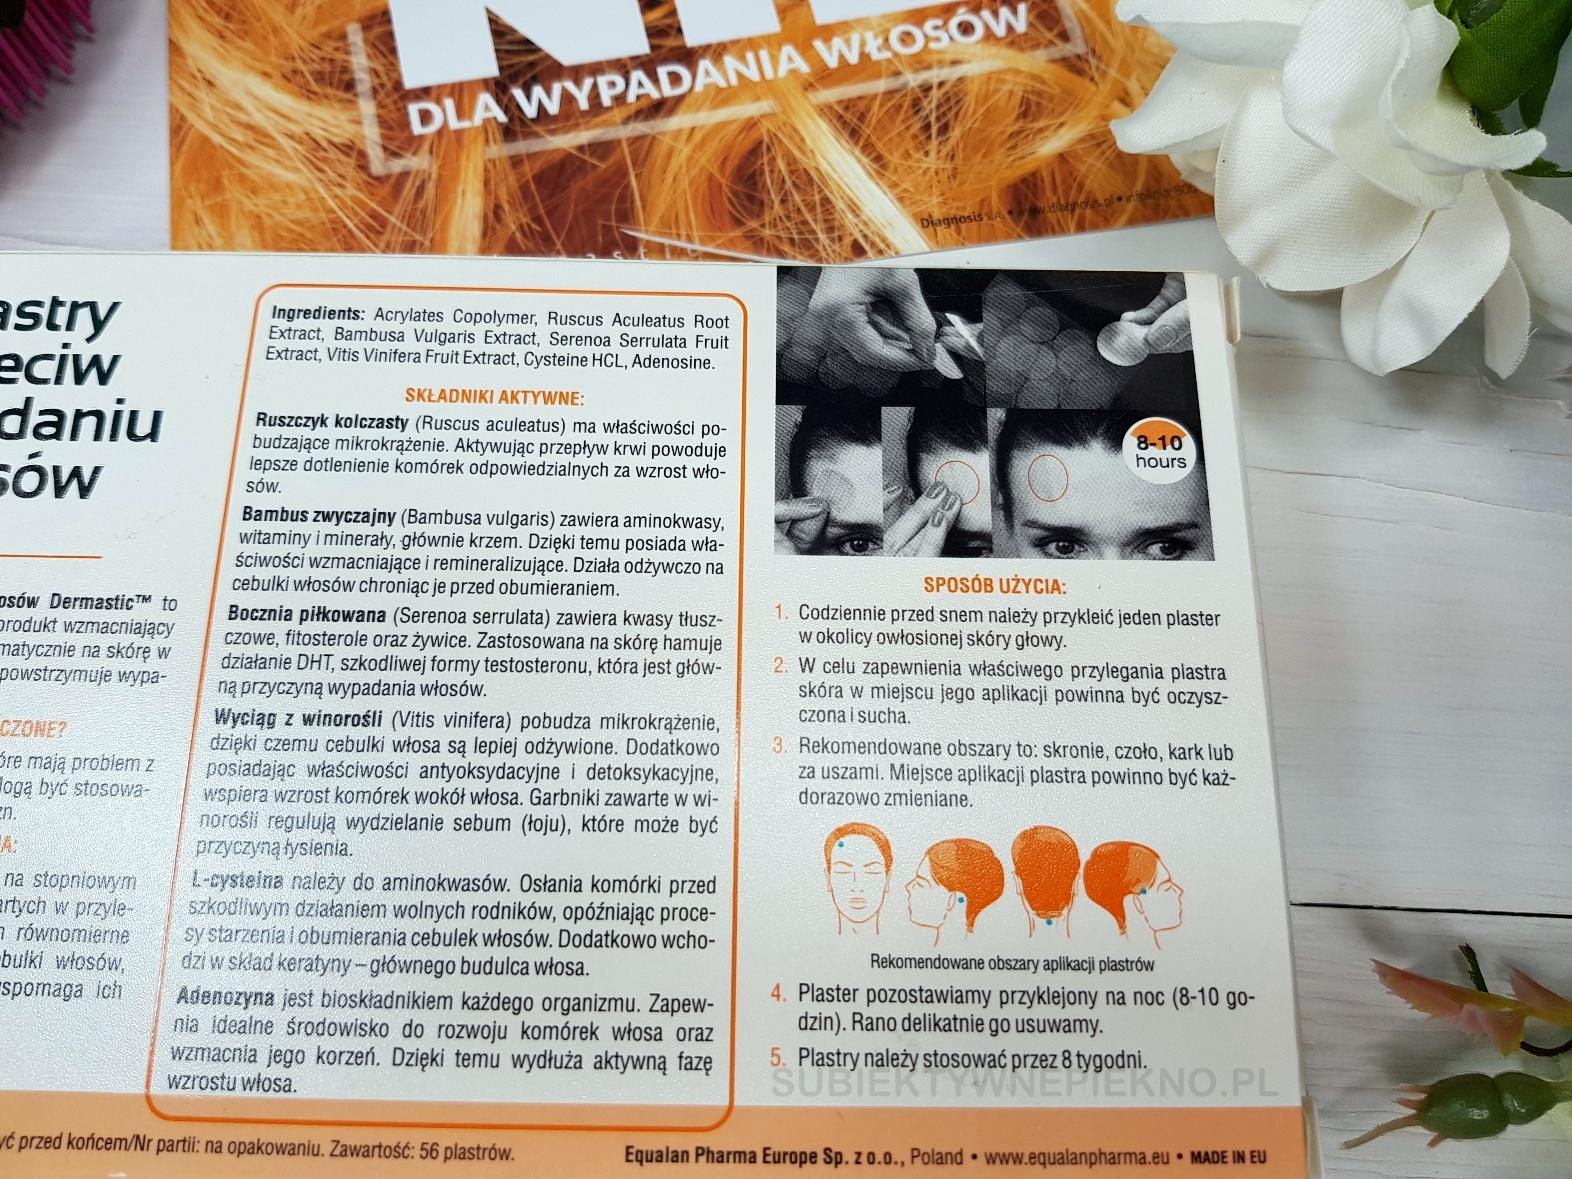 Dermastic plastry przeciw wypadaniu włosów opinie, działanie, skład i jak używać